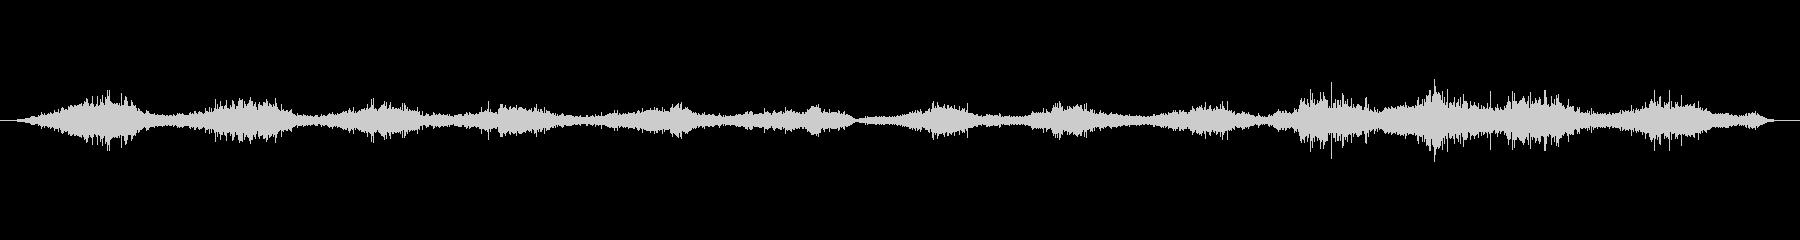 バルーン スクラブヘアサークル01の未再生の波形